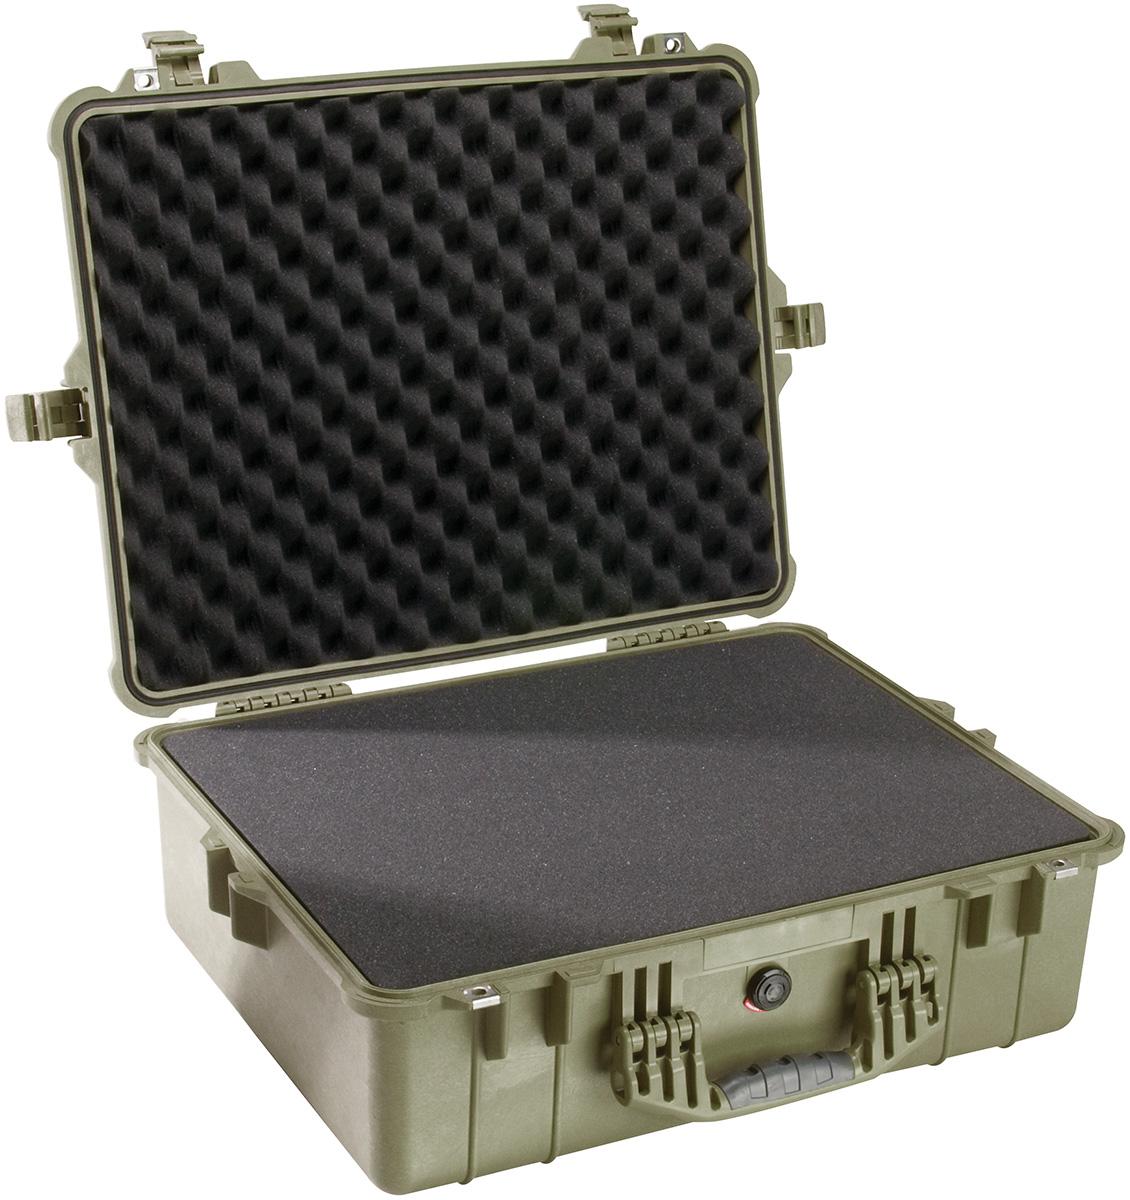 pelican peli products 1600 tough waterproof equipment case